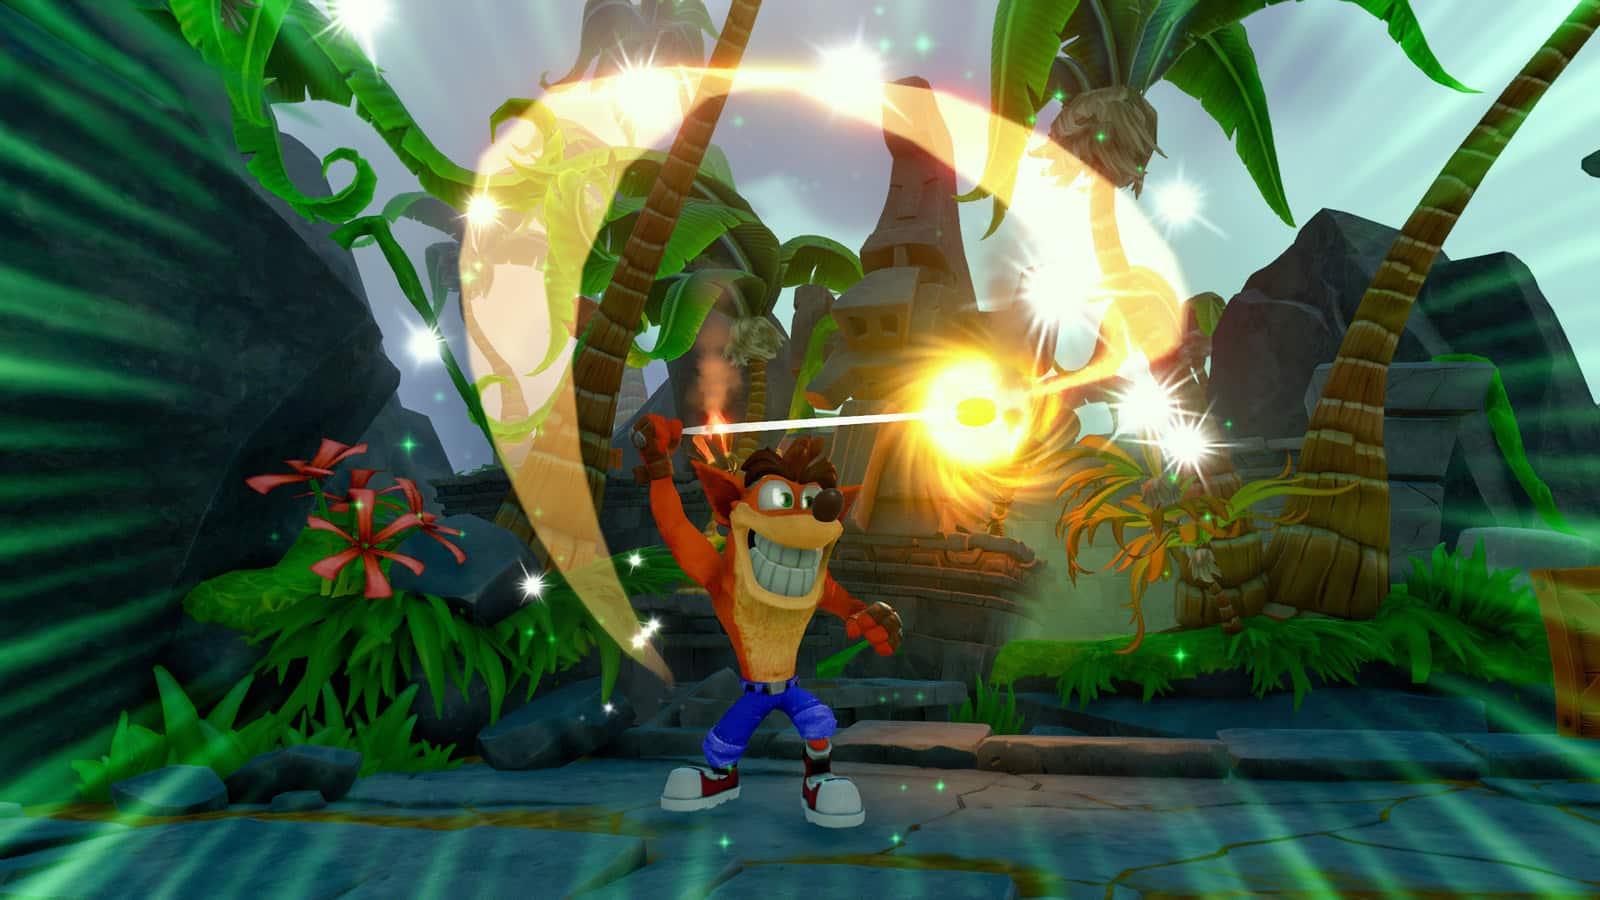 Skylanders Imaginators, nous avons joué avec Crash et Cortex